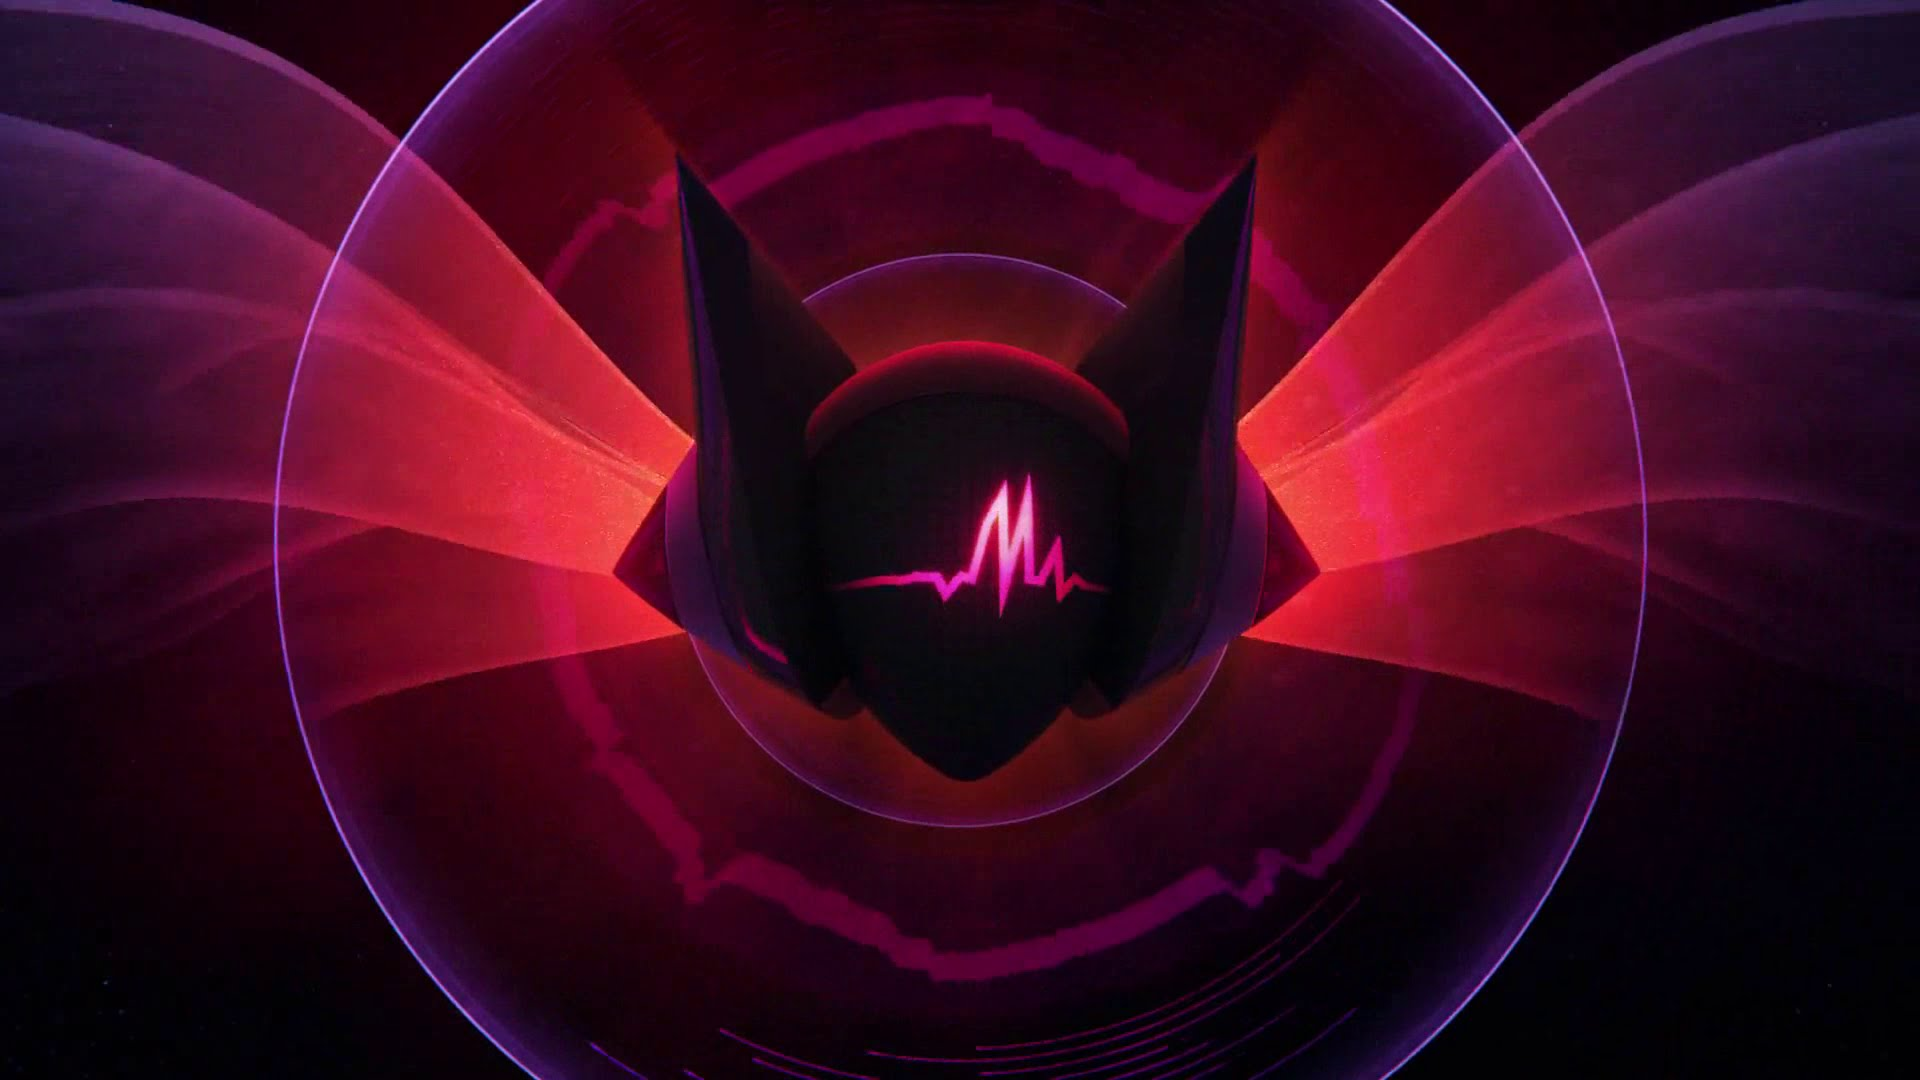 DJ Sona Animated Wallpaper Concussive 1920x1080